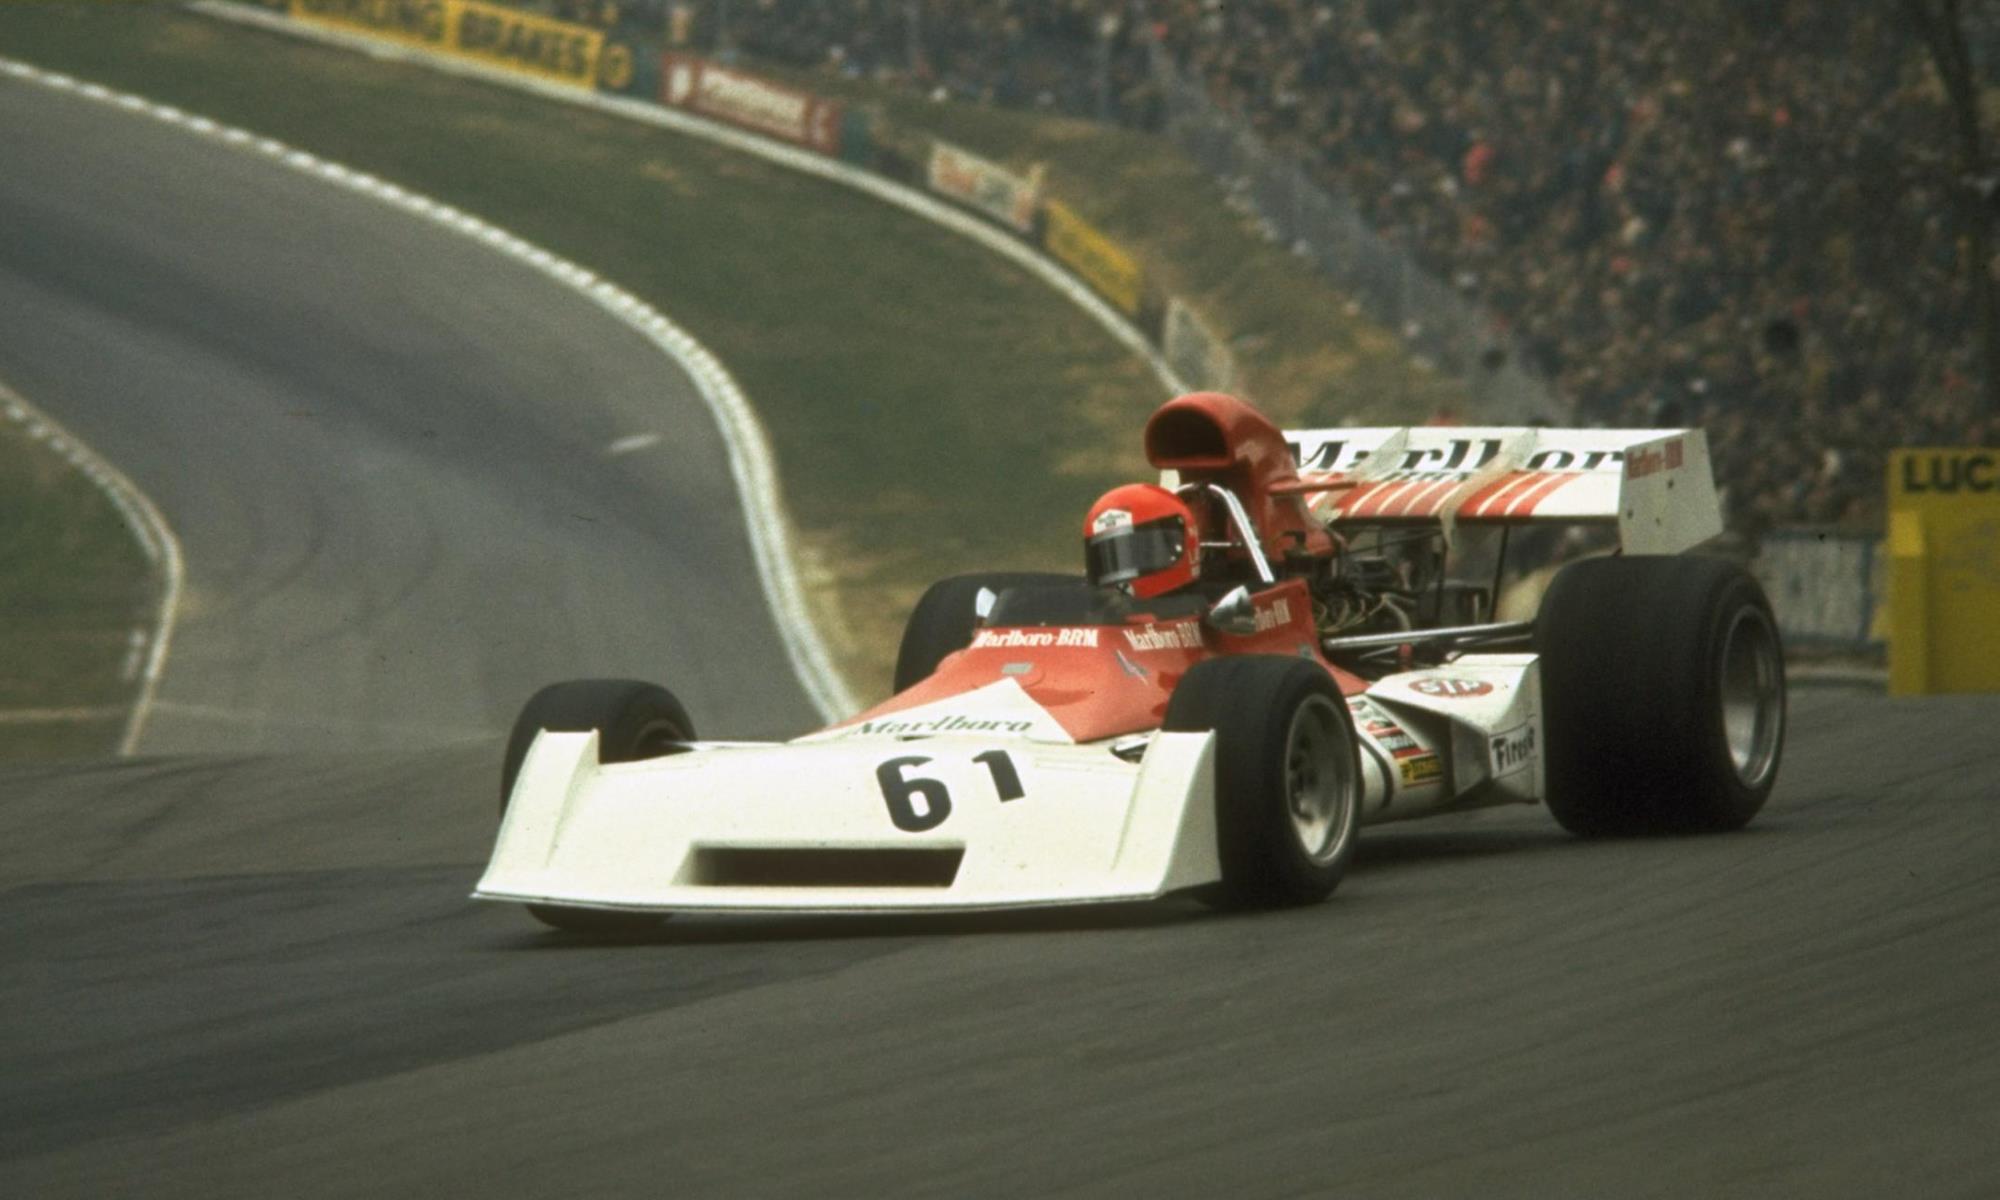 BRM F1 car